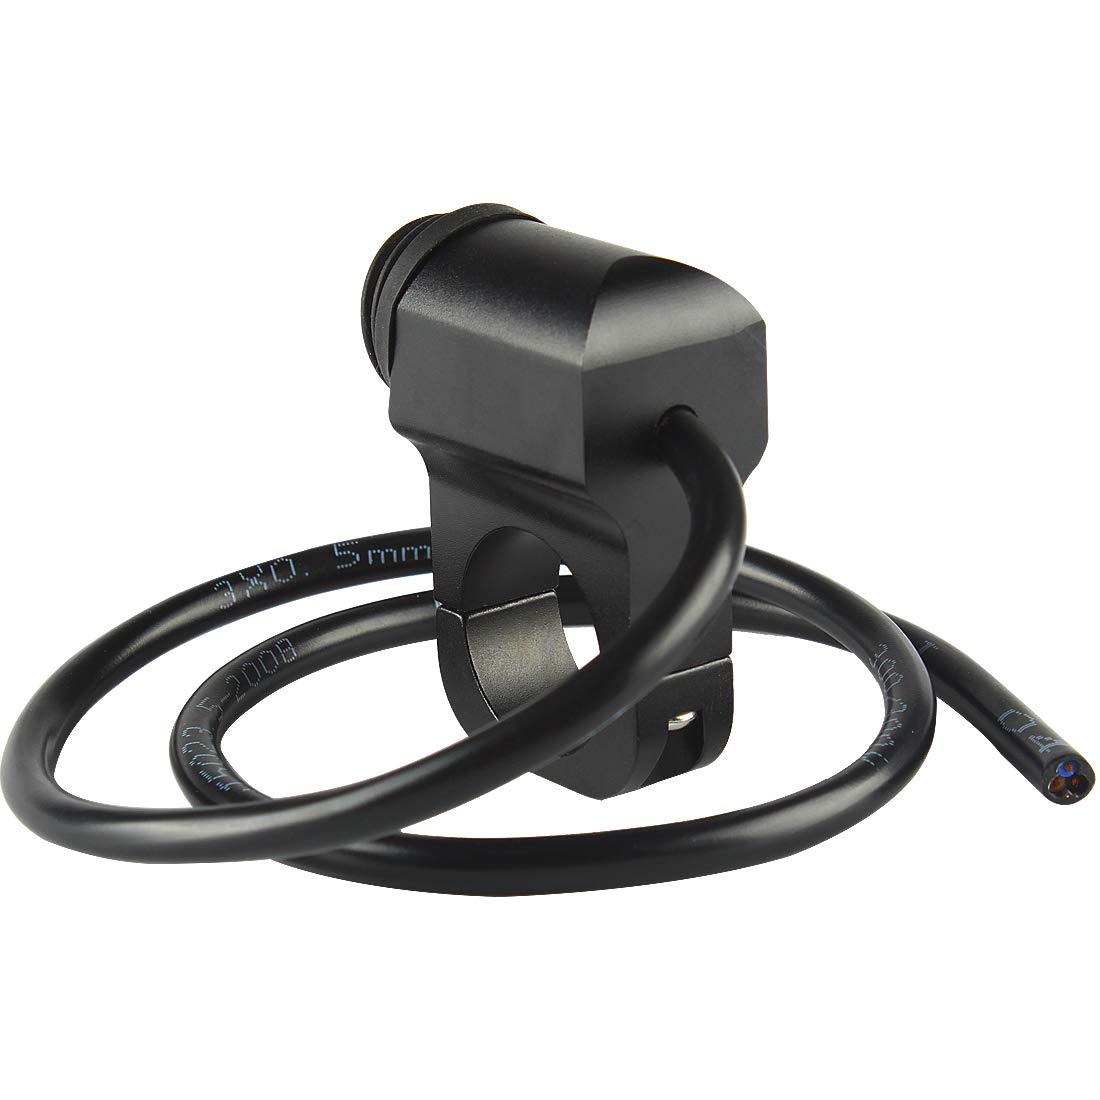 Andux Zone Interrupteur de phare de guidon 25mm avec voyant pour moto SBKG-01 Noir, /étanche 16a